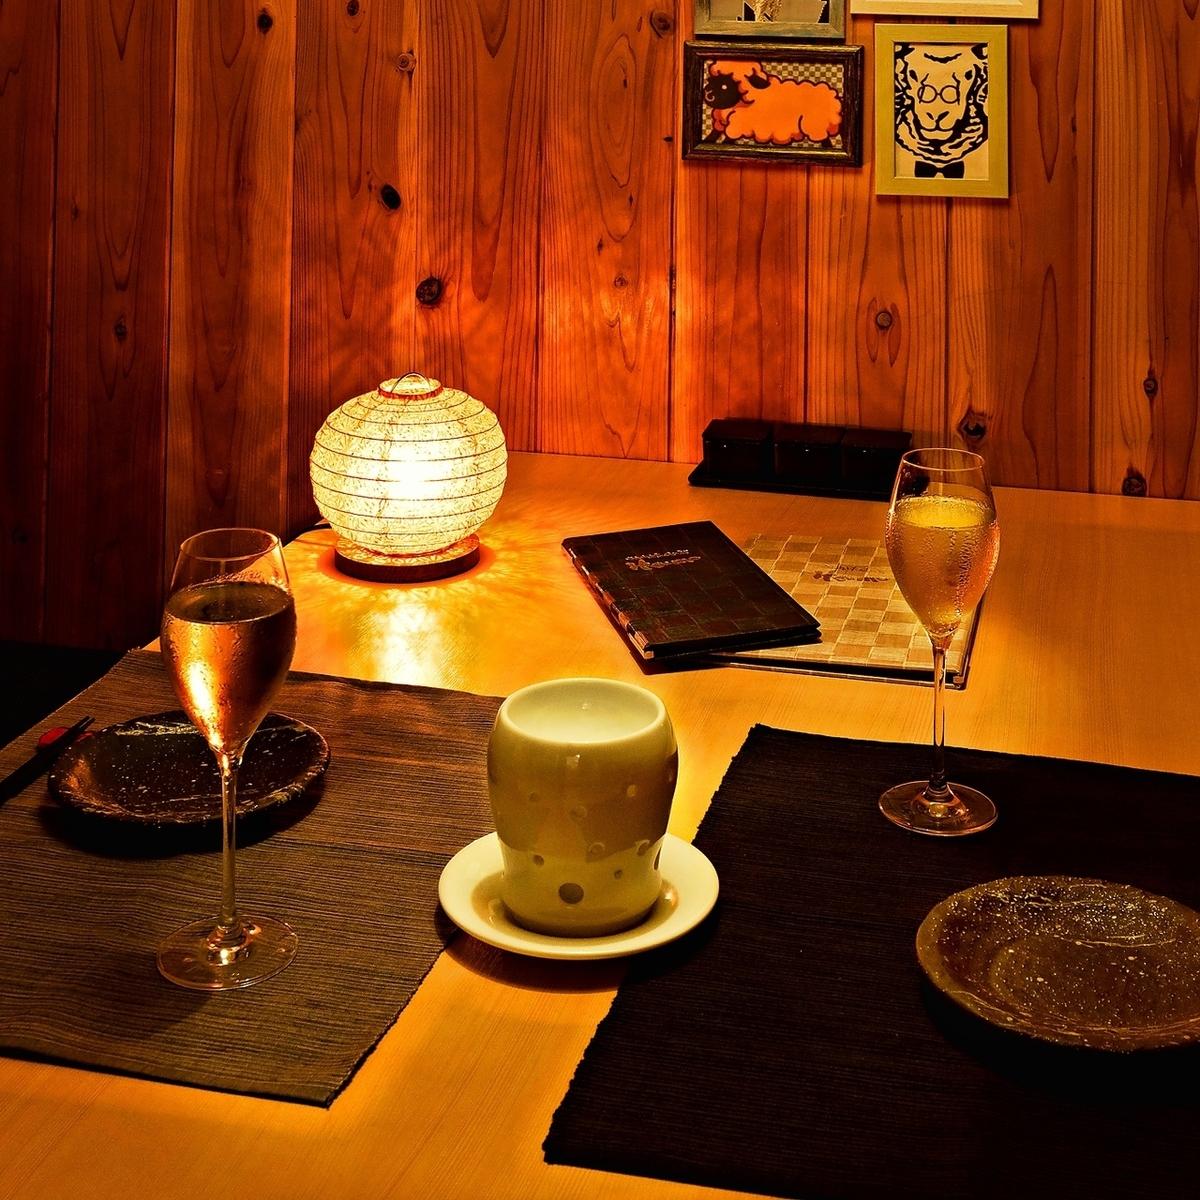 私人房間2人作為情侶座位◎以及健康的美食,一個令人難忘的花式甜點盤···